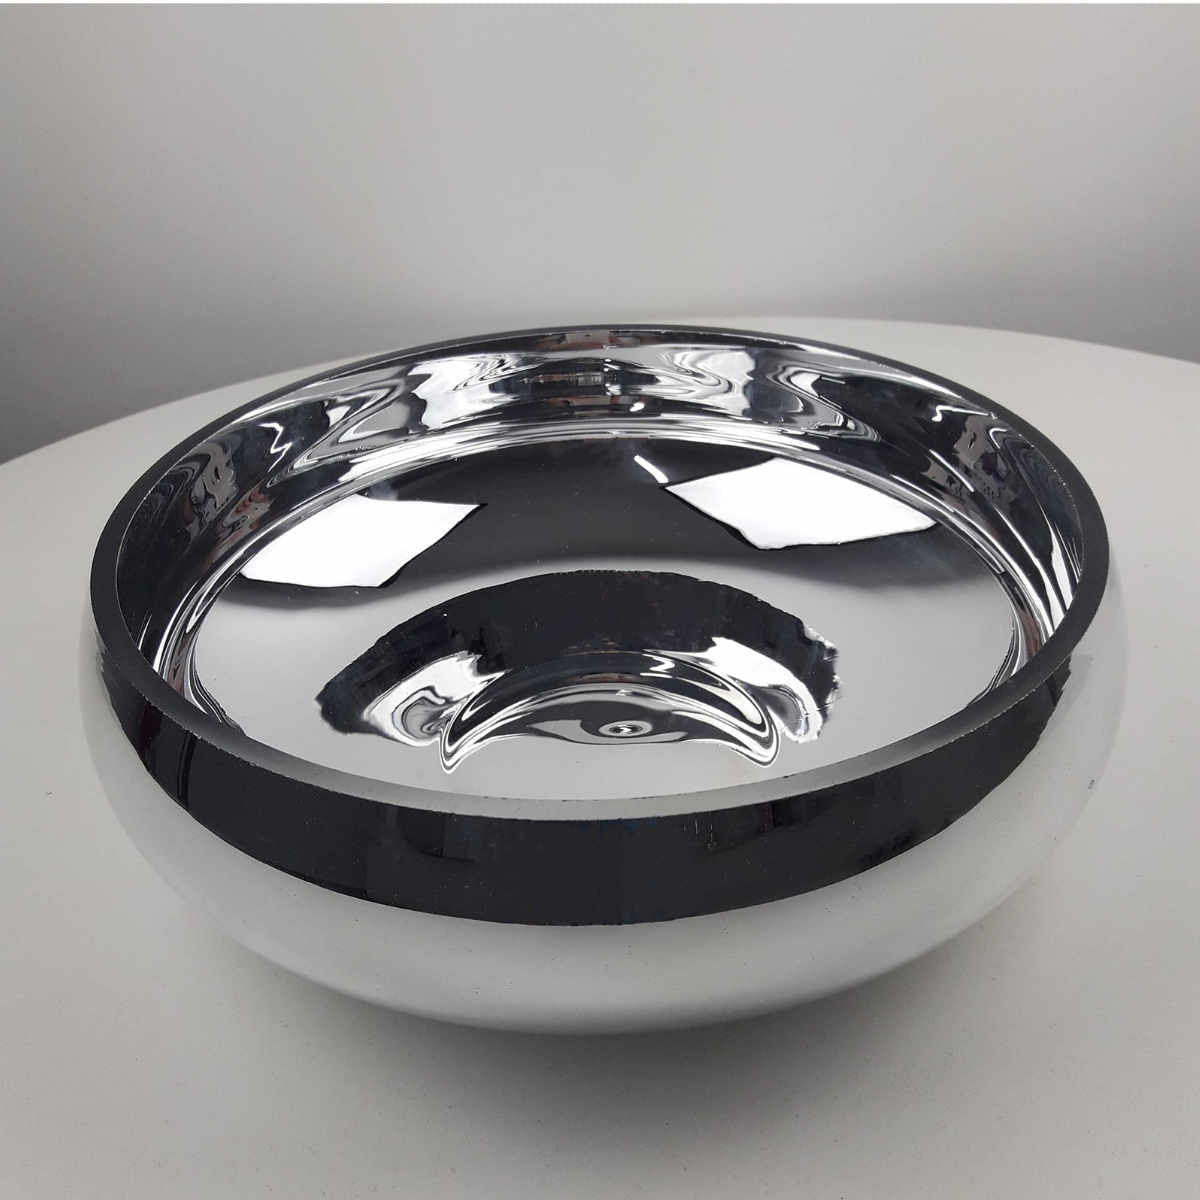 Tigela Ikebana De Vidro Espelhado Prata 26 5cm Casacenter